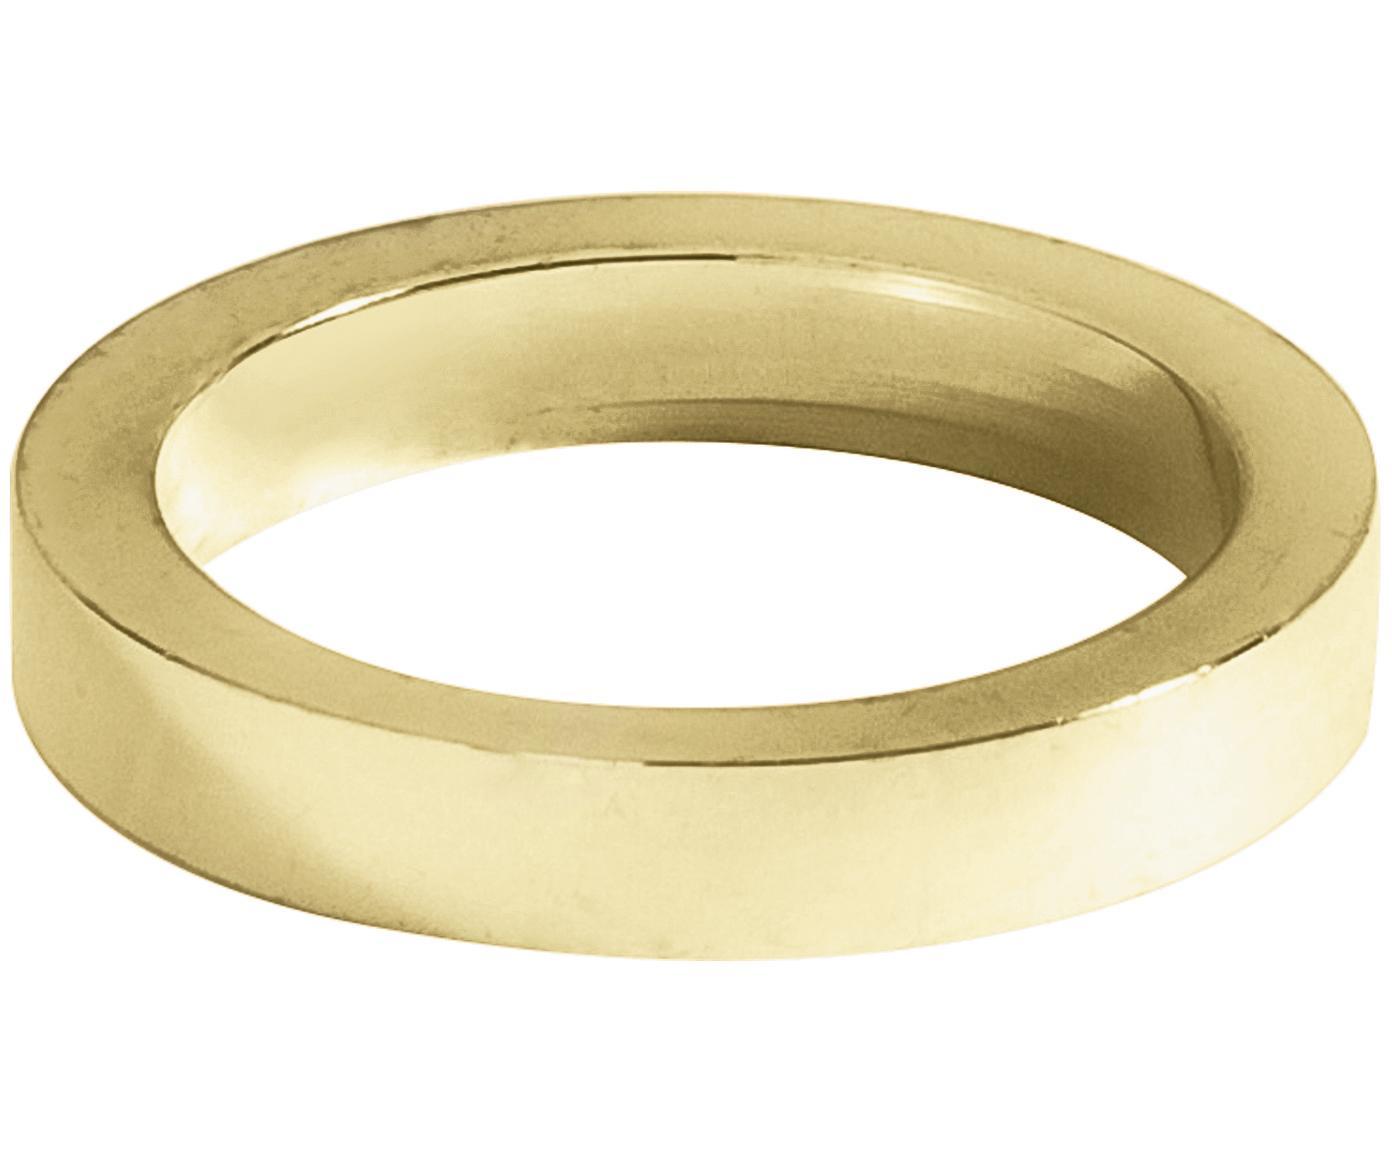 Servilleteros Vasa, 4uds., Metal, recubierto con efecto envejecido, Dorado, Ø 5 cm